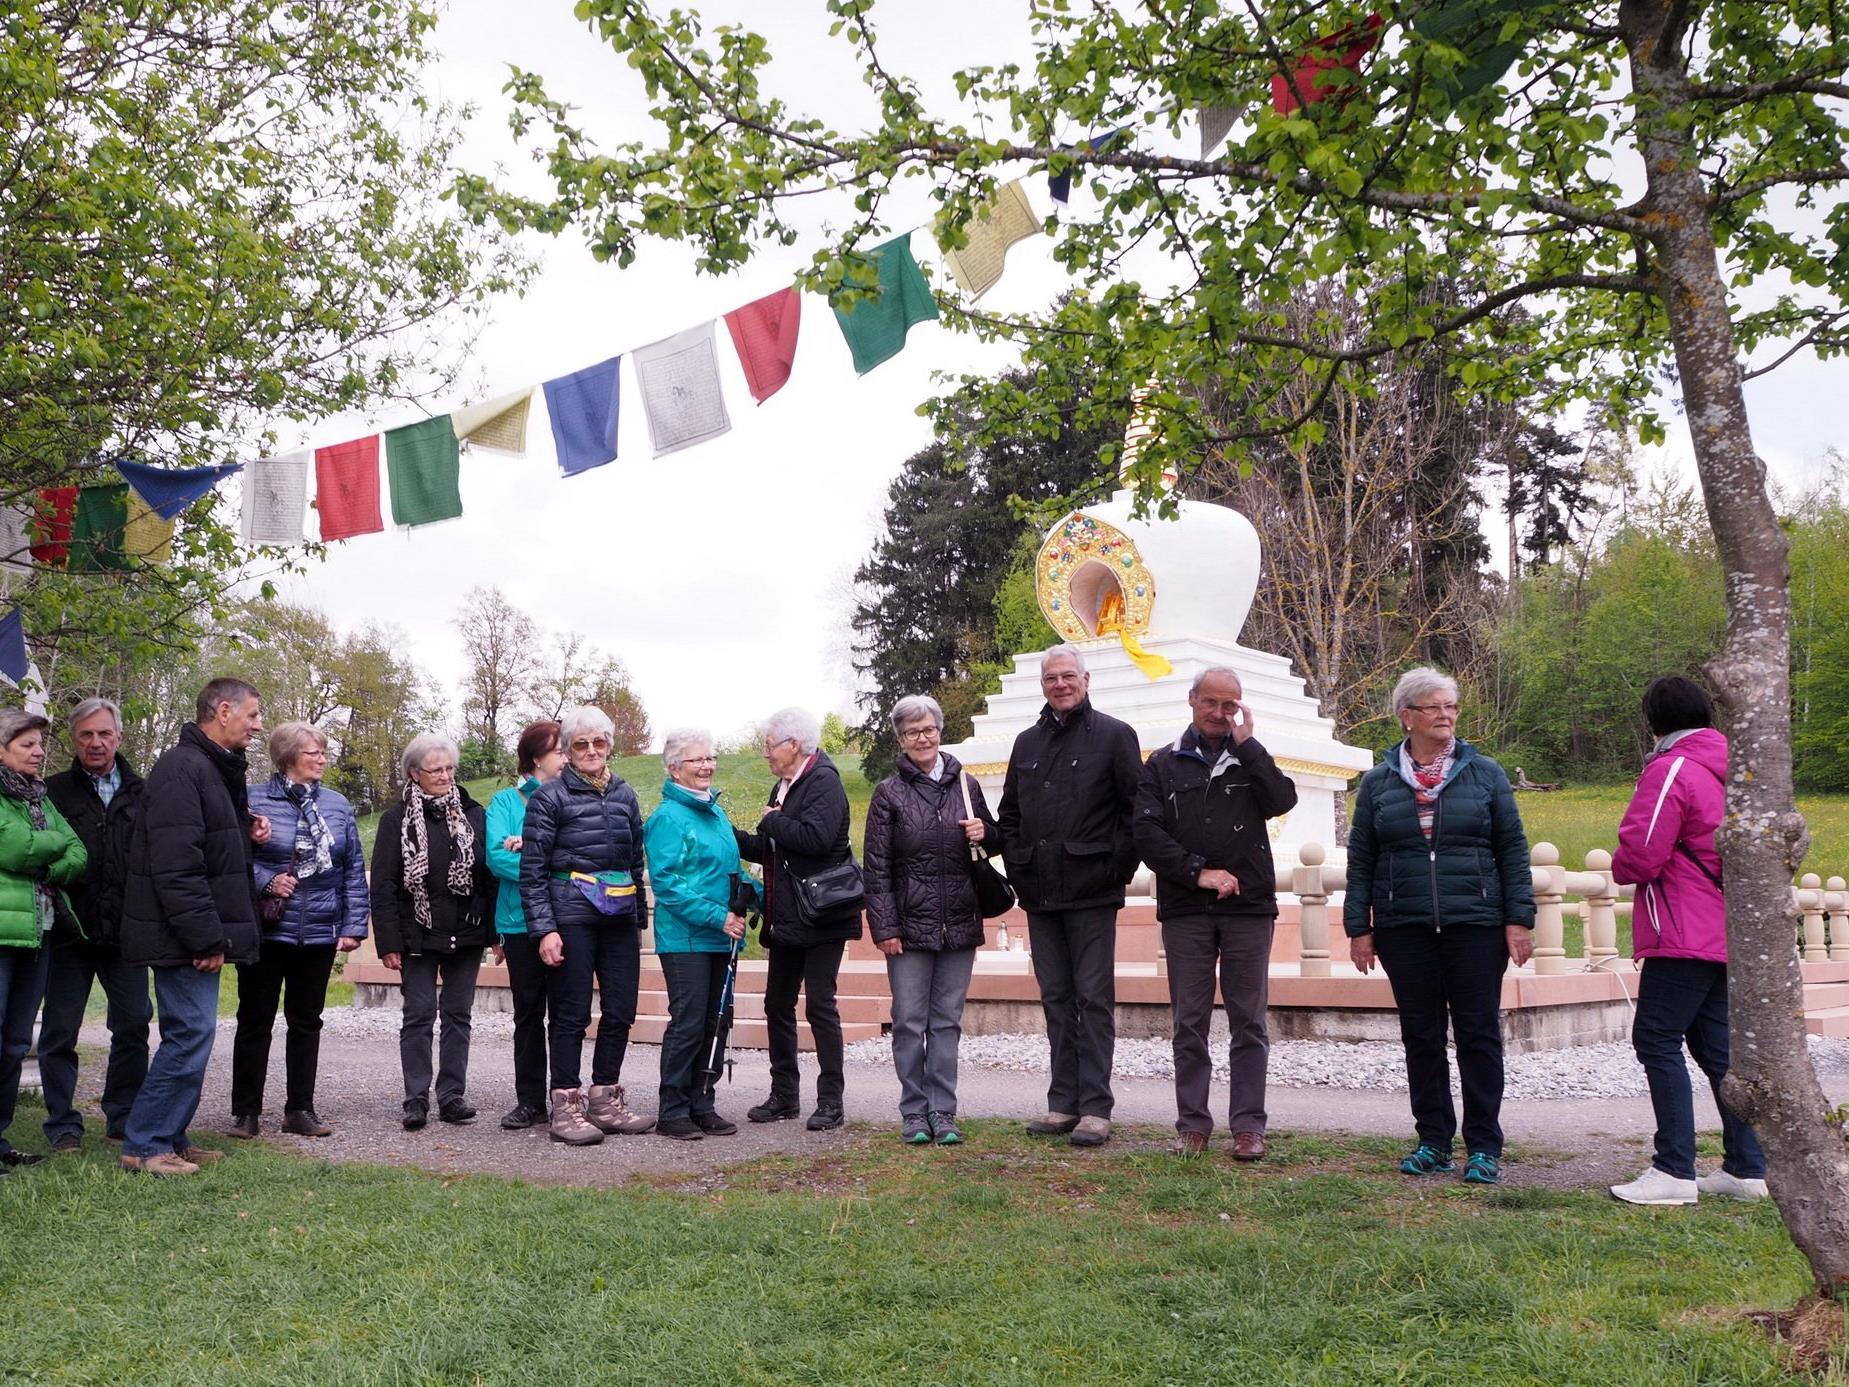 Zahlreiche Teilnehmer beim Besuch des buddhistischen Klosters Letzehof